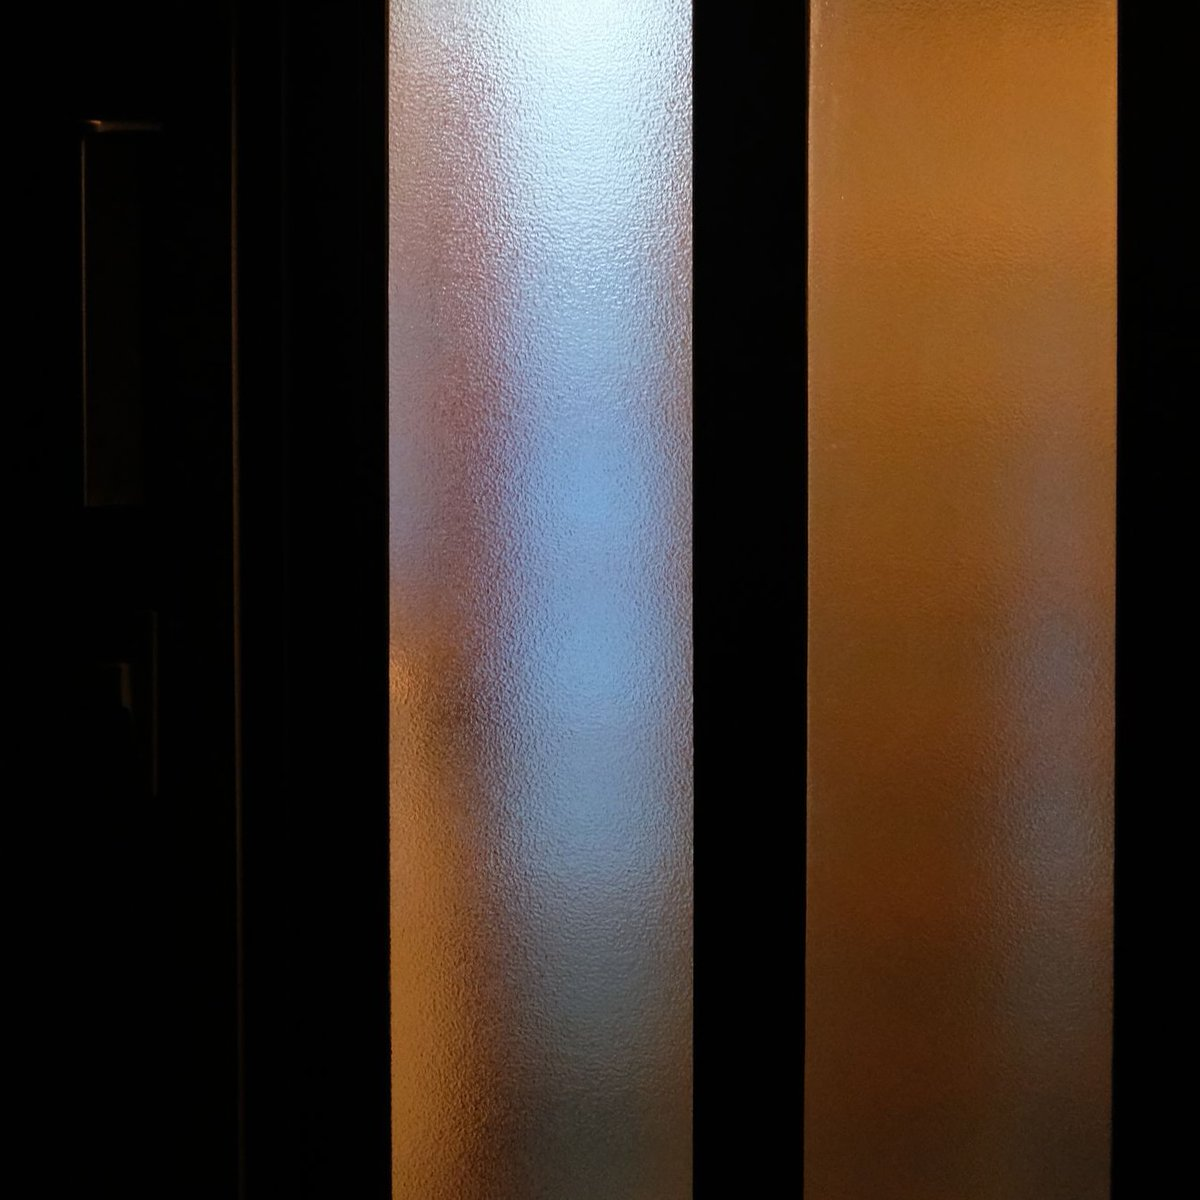 instagram。日々のブログではアップしていませんが、こんな作品も撮り続けています。  #光 #影 #light #shadow #夜 #night #tokyo #shibuya #photography #明暗 #日常 #days #life #生活 #daylight #photographers #myphoto #写真で伝えたい私の世界 #写真好きな人と繋がりたい #fujifilm_xseries